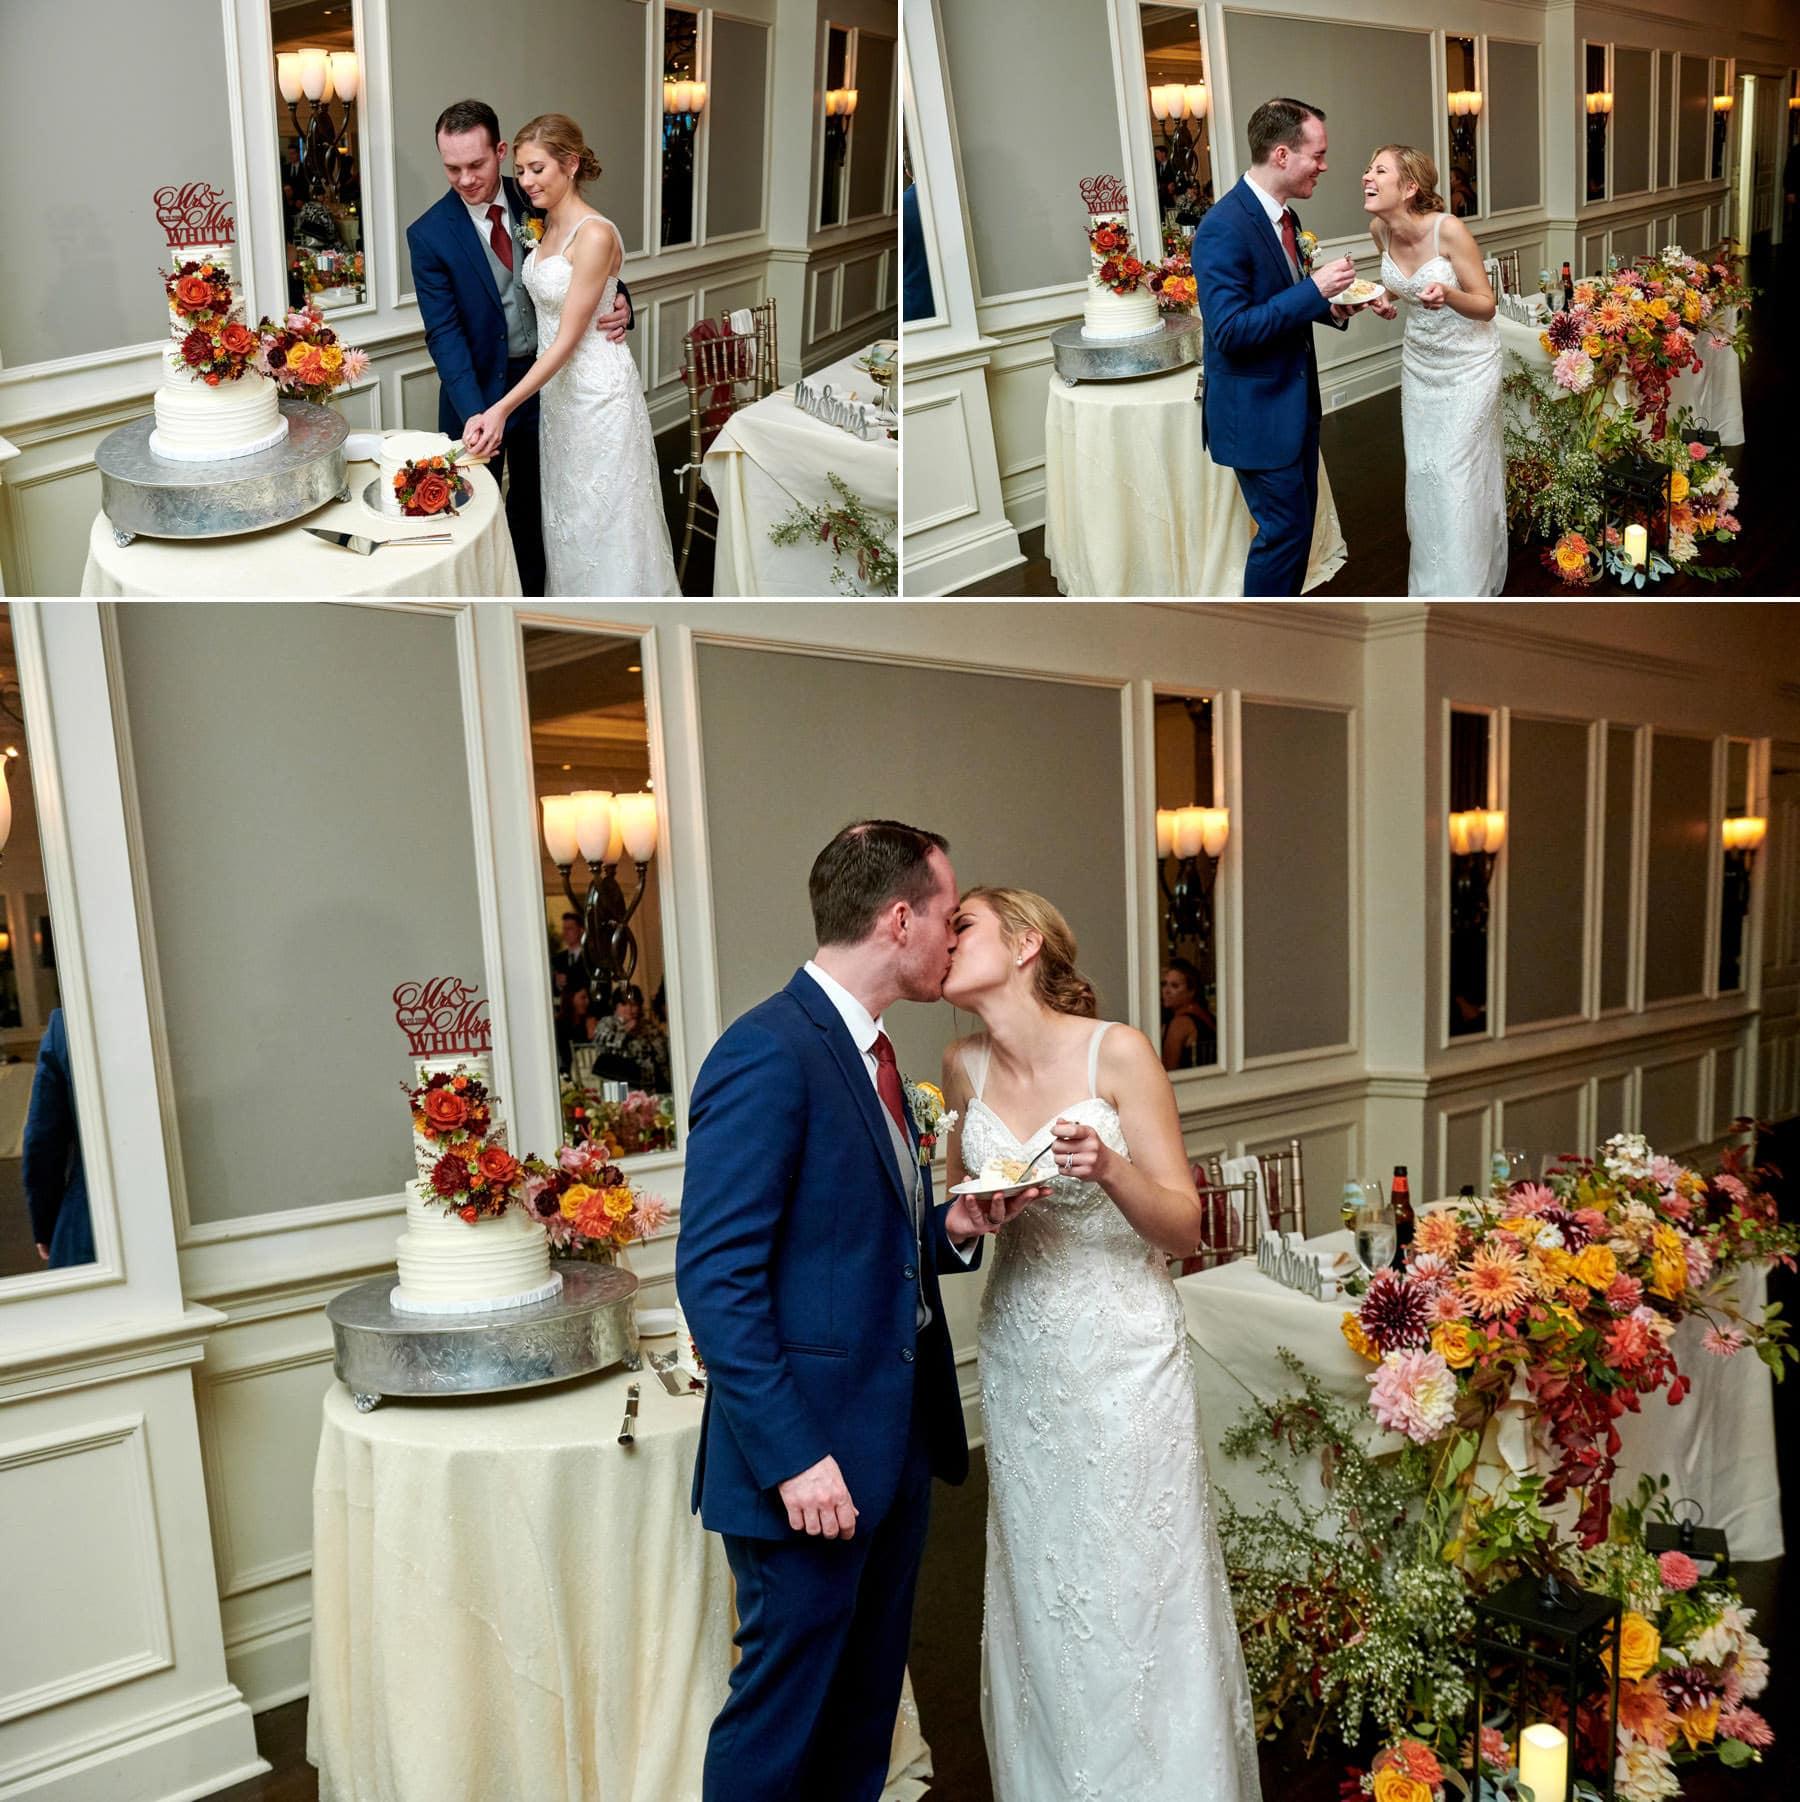 wedding cake cutting photos at French Creek Golf Club